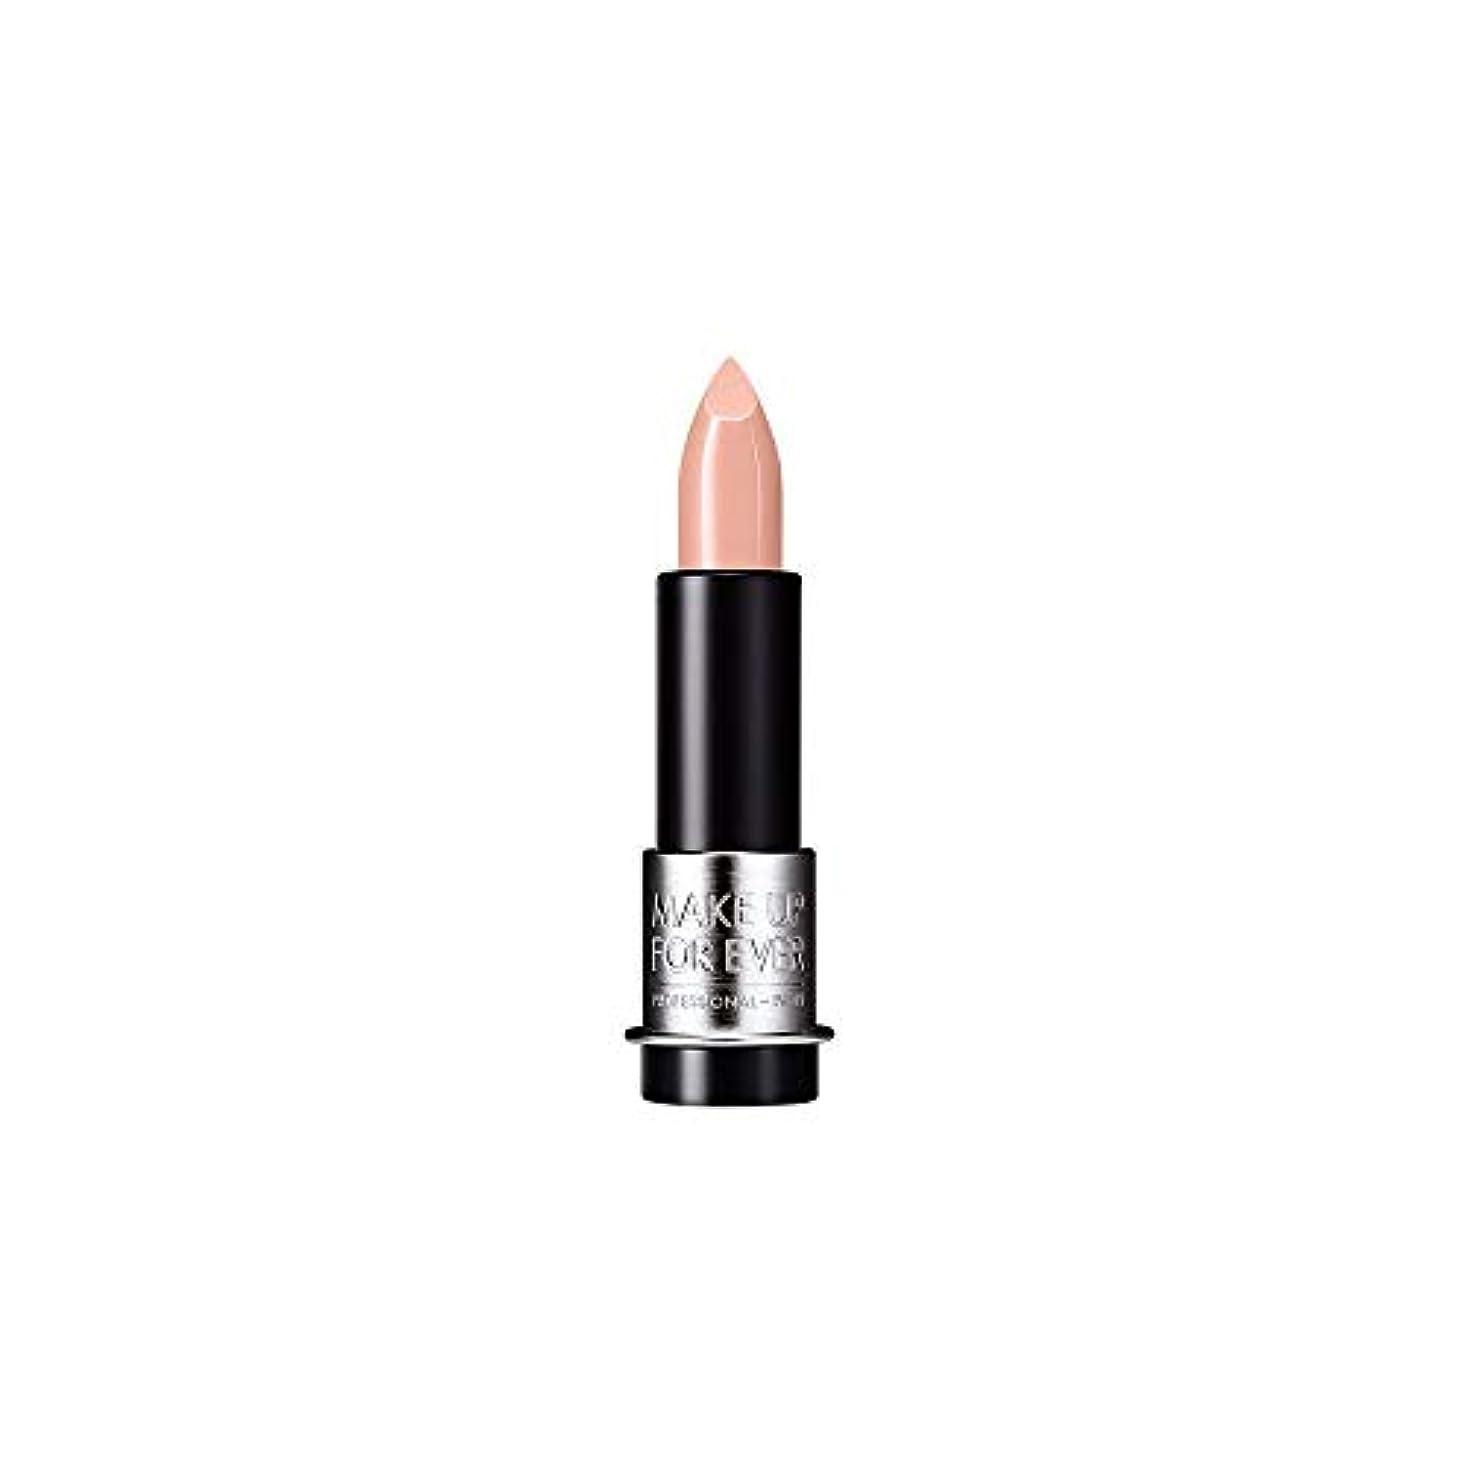 若さ通常抵抗力がある[MAKE UP FOR EVER] ヌードベージュ - これまでアーティストルージュクリーム口紅3.5グラムのC103を補います - MAKE UP FOR EVER Artist Rouge Creme Lipstick...